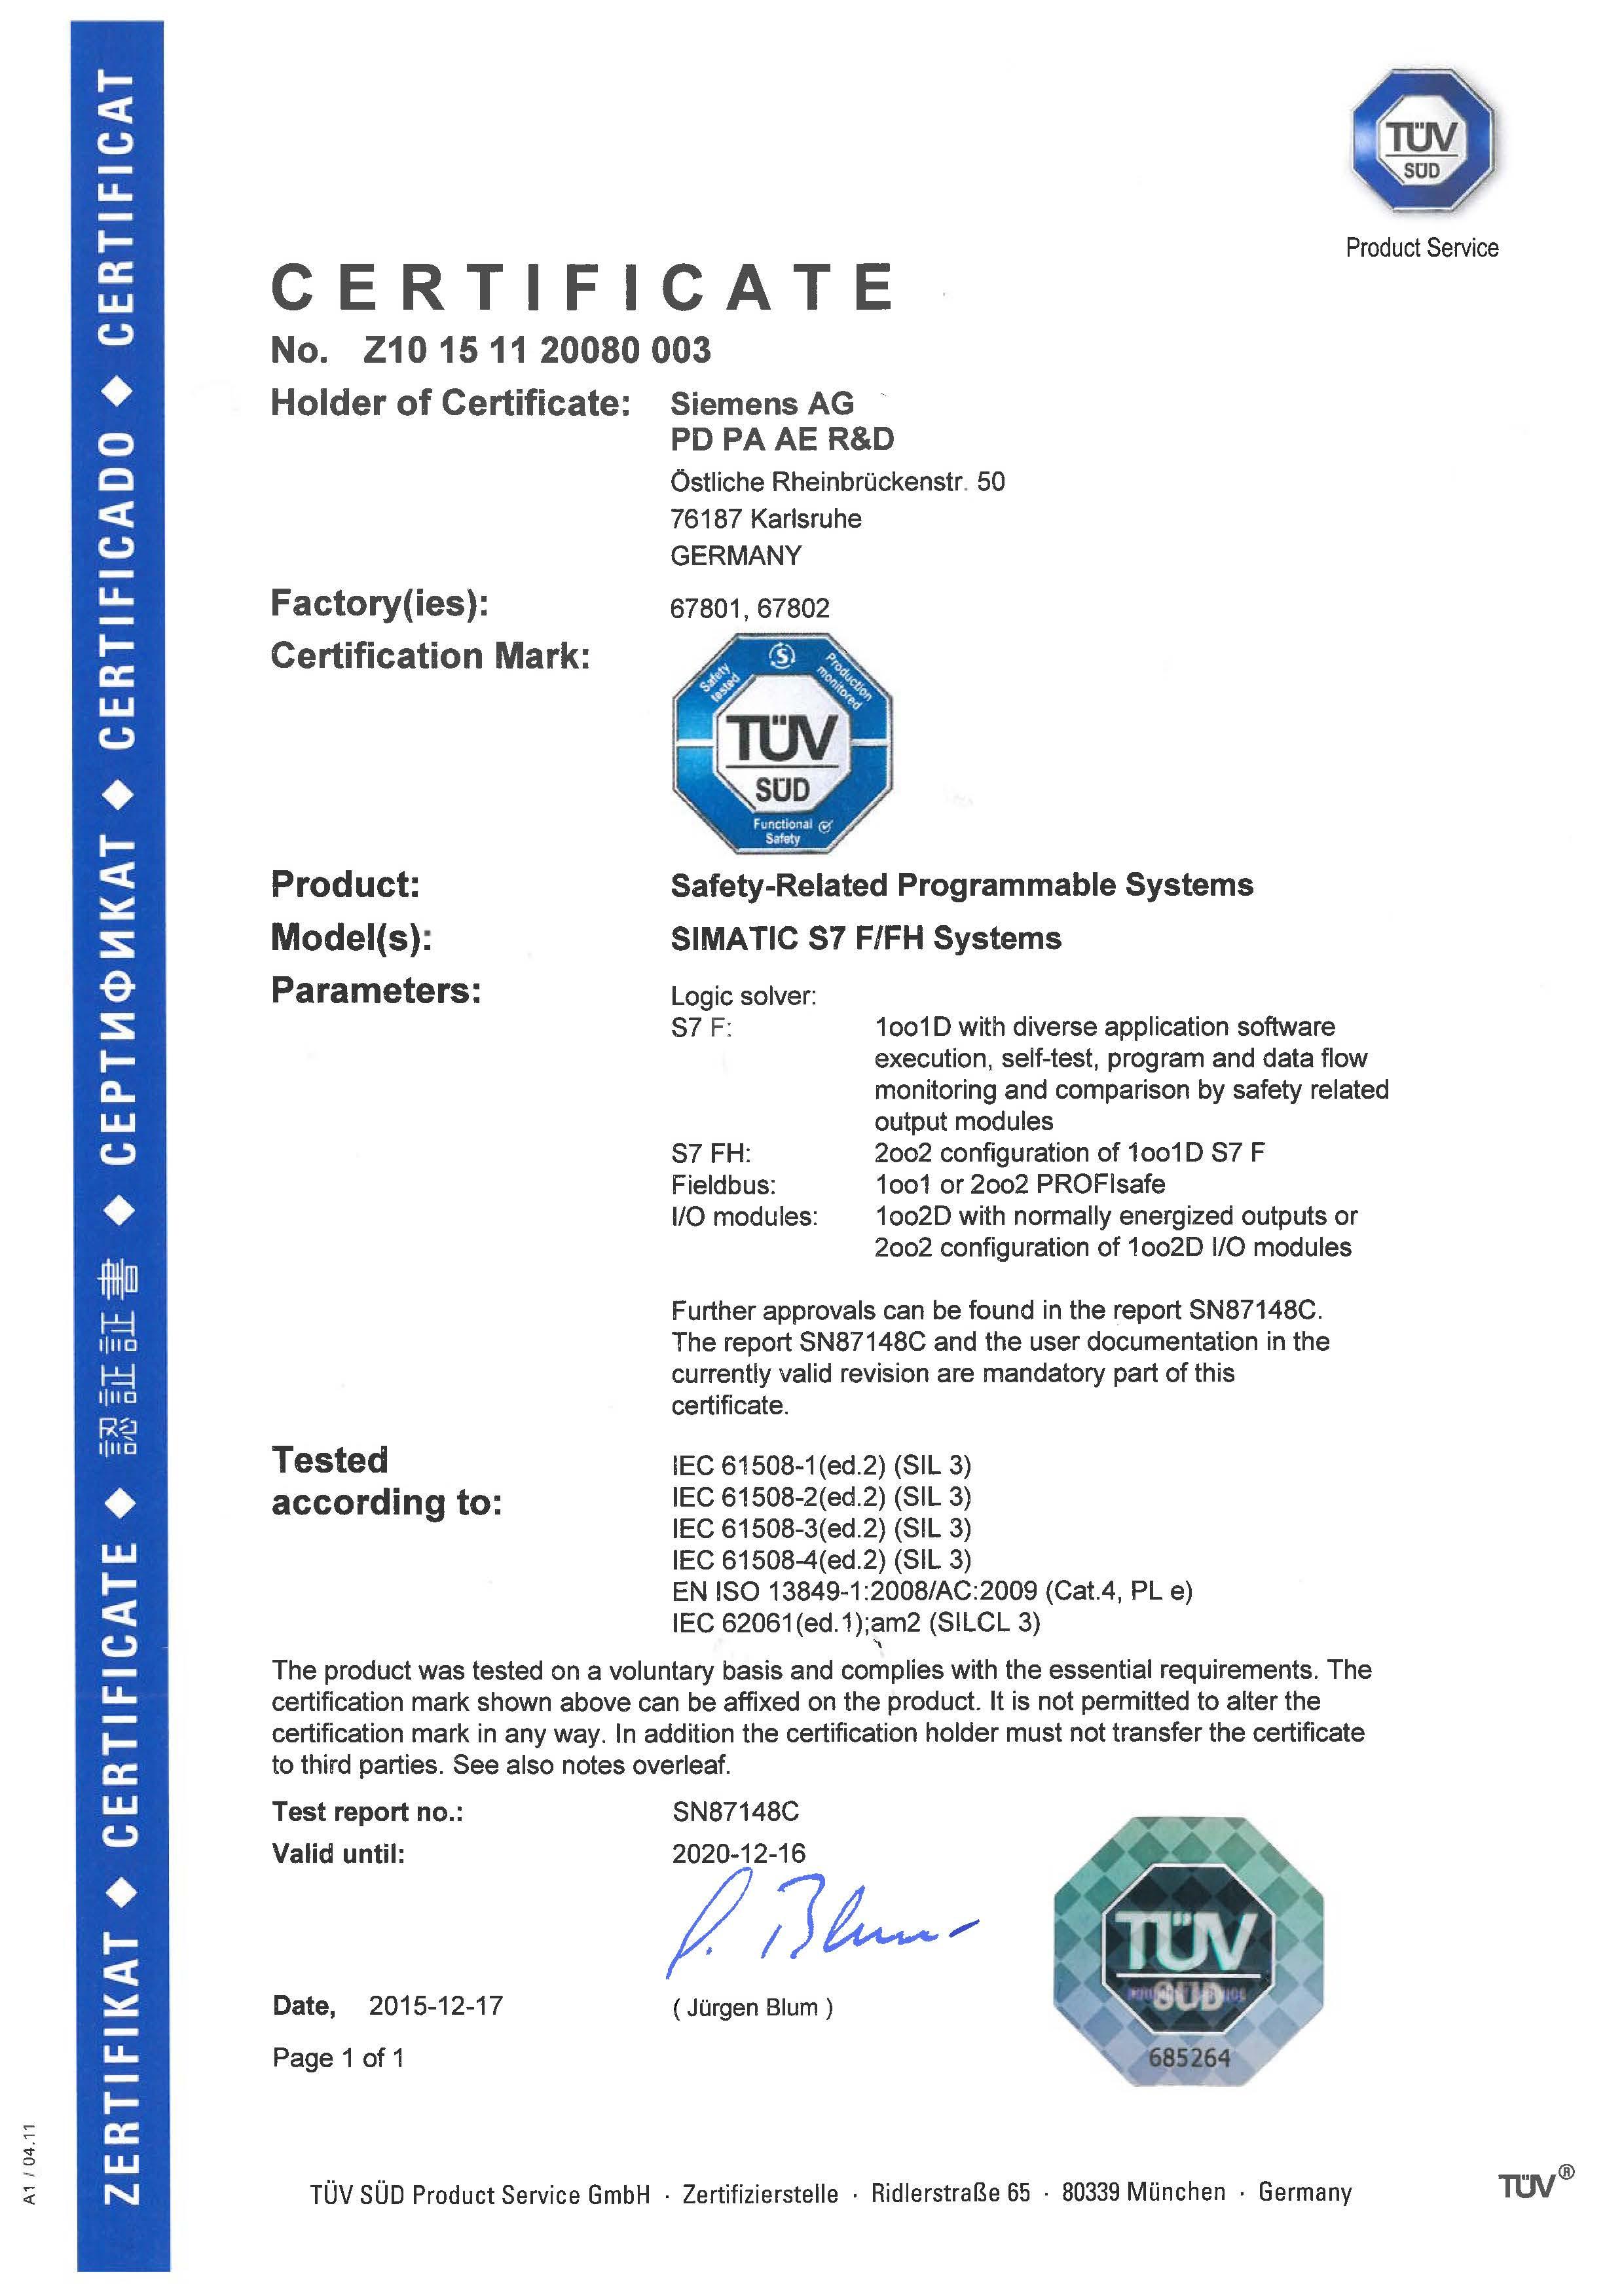 Сертификат функциональной безопасности отказобезопасных программируемых систем (SIL3)